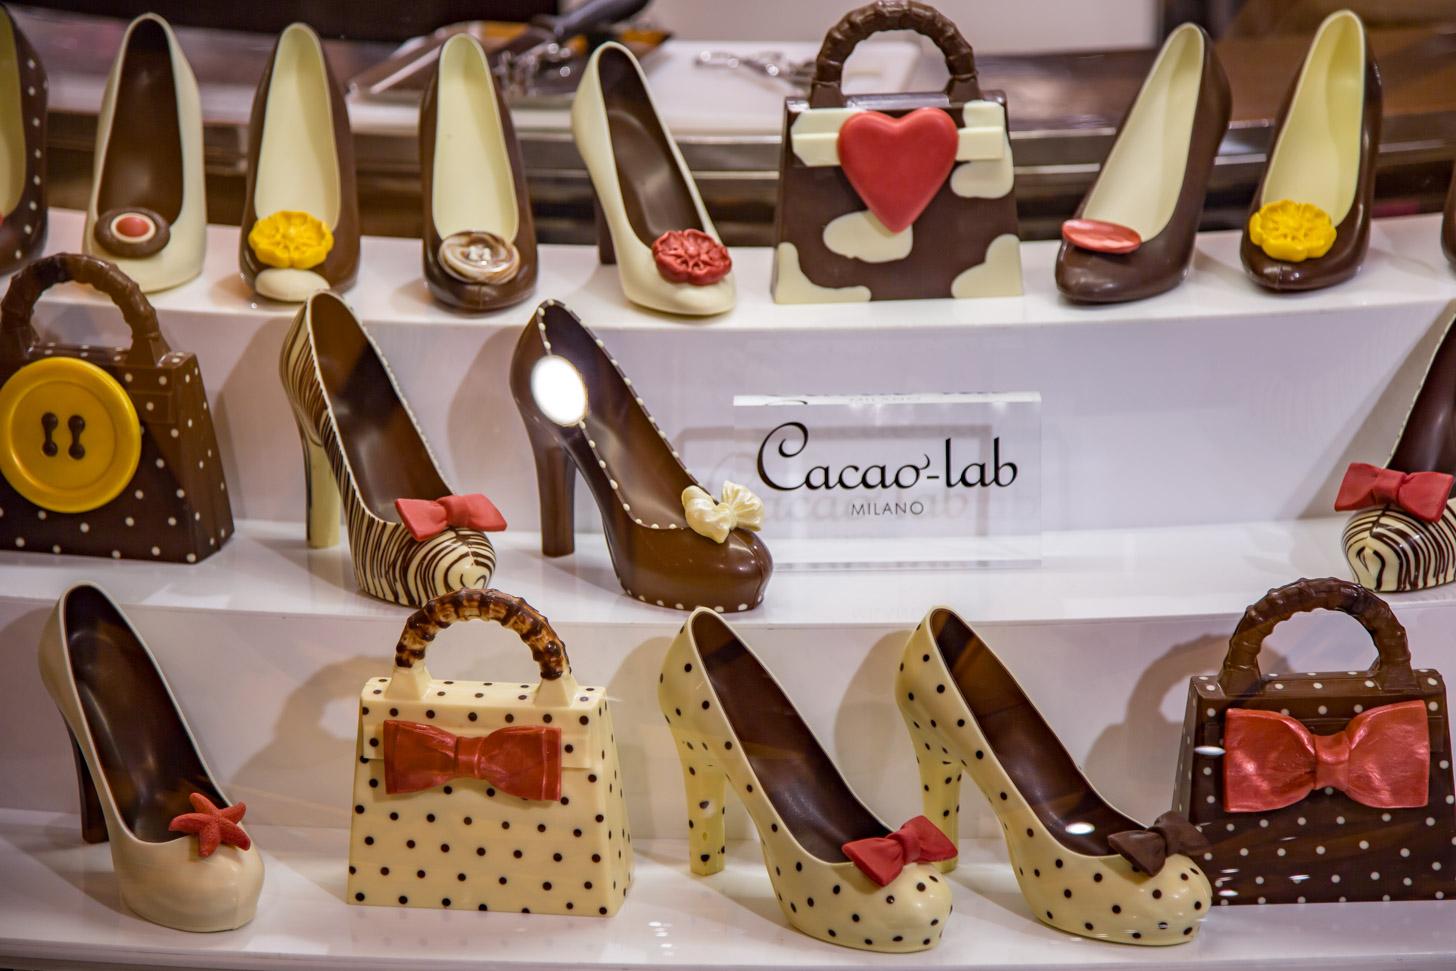 Schoenen en chocolade: een topcombinatie in Milaan.